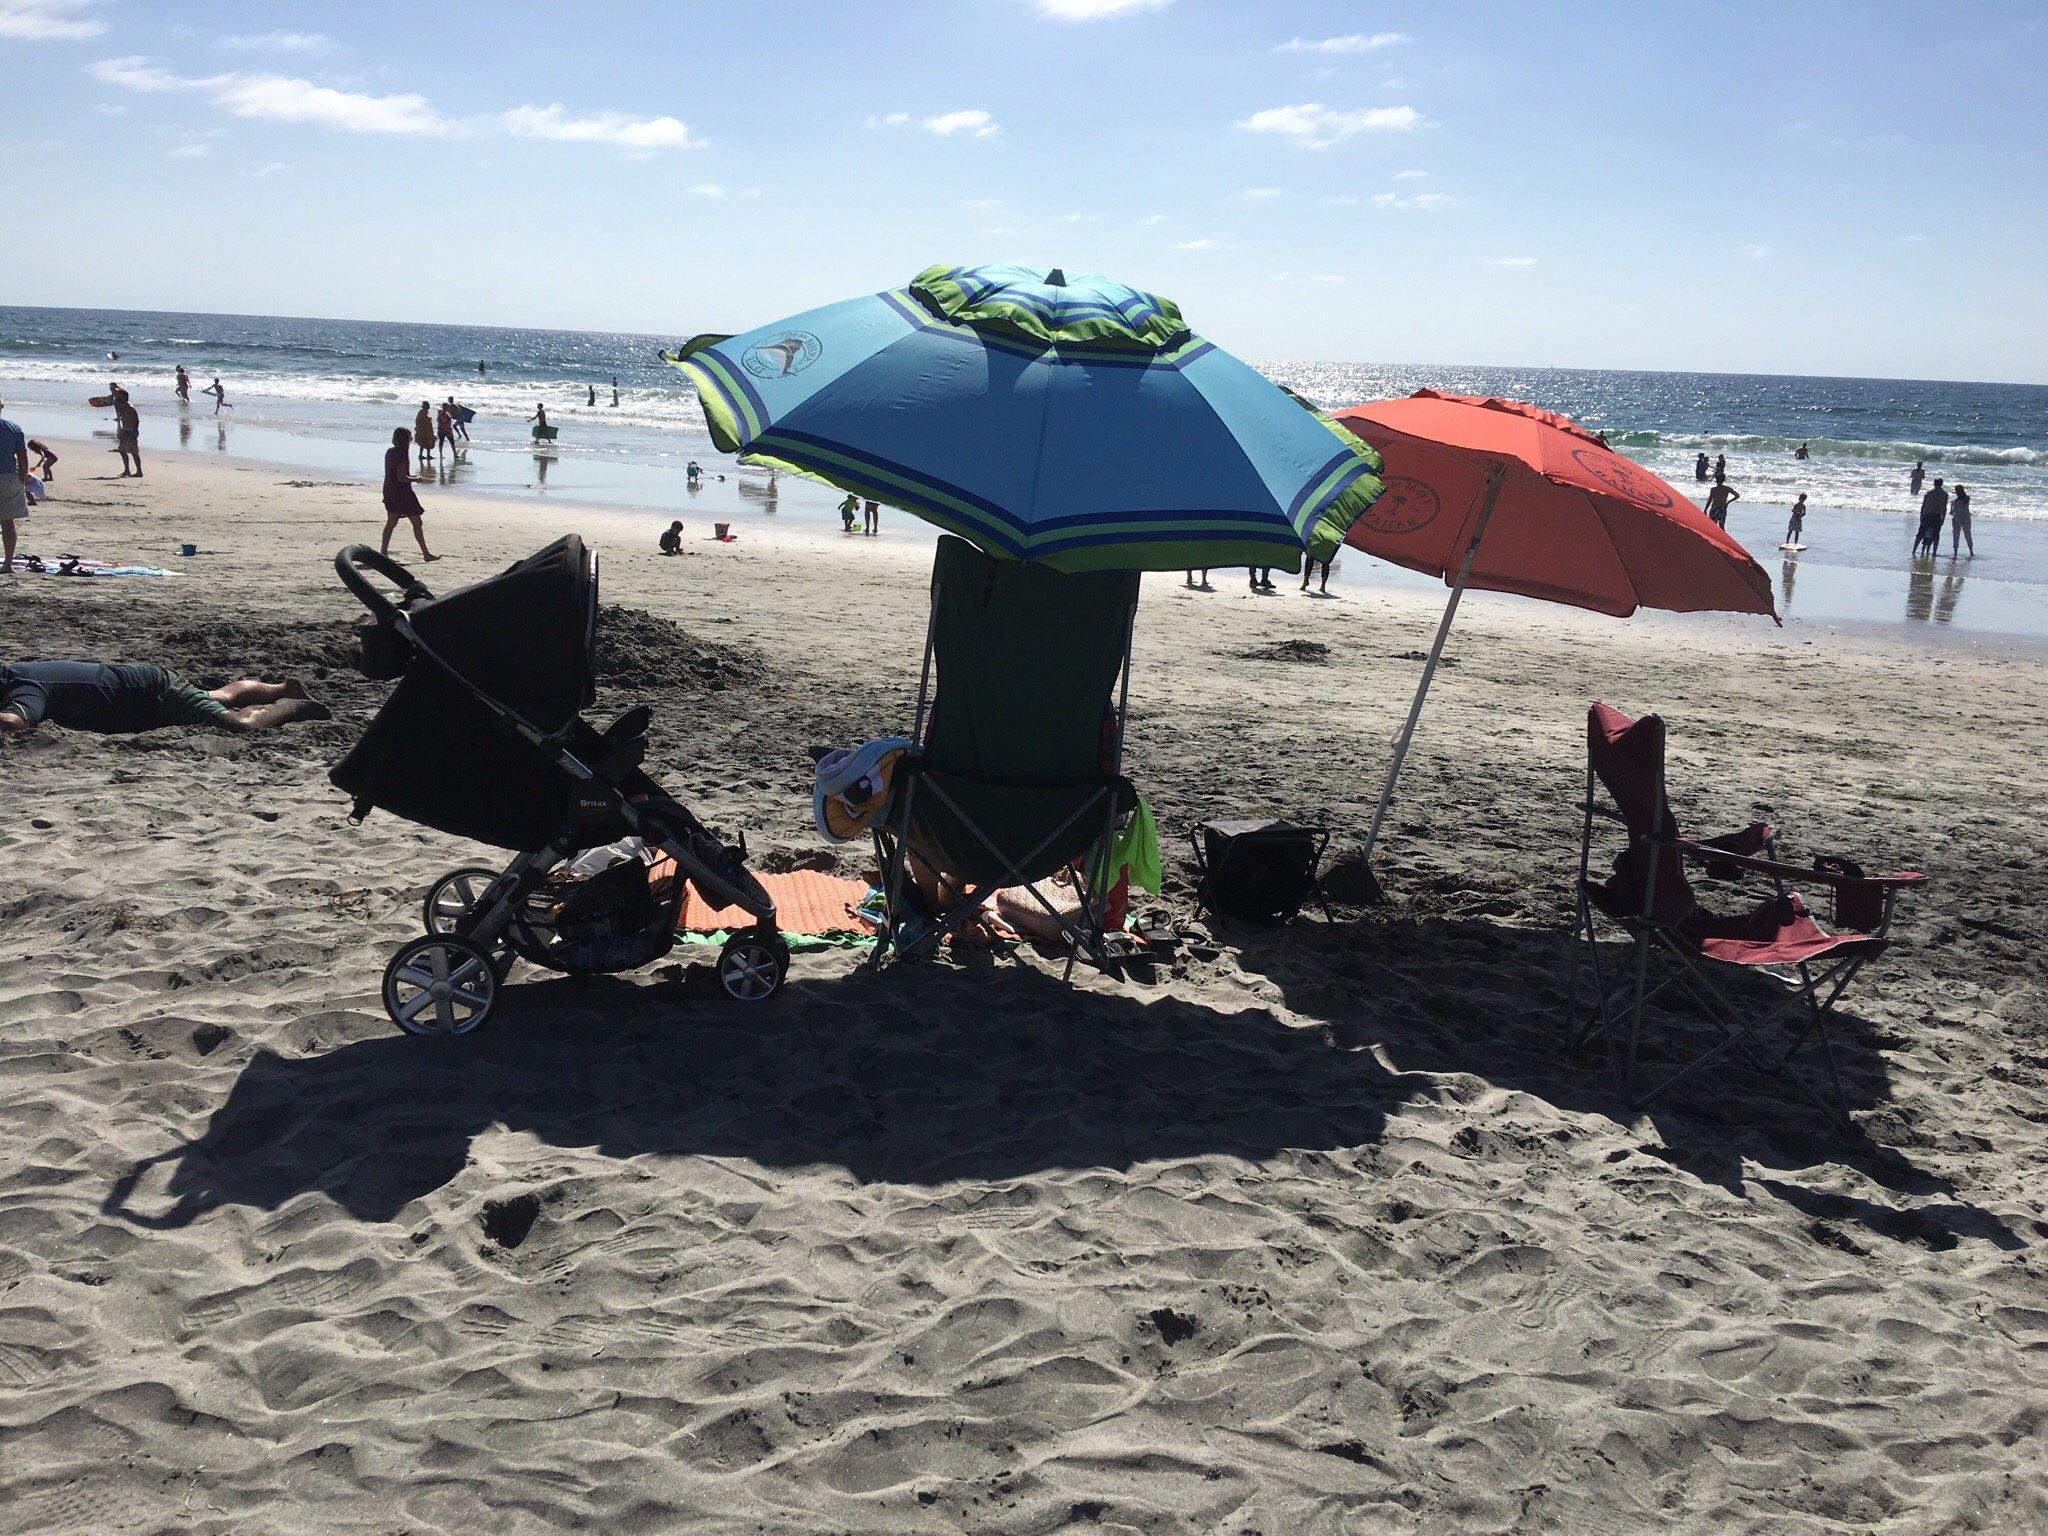 Del Mar Beach, San Diego CA